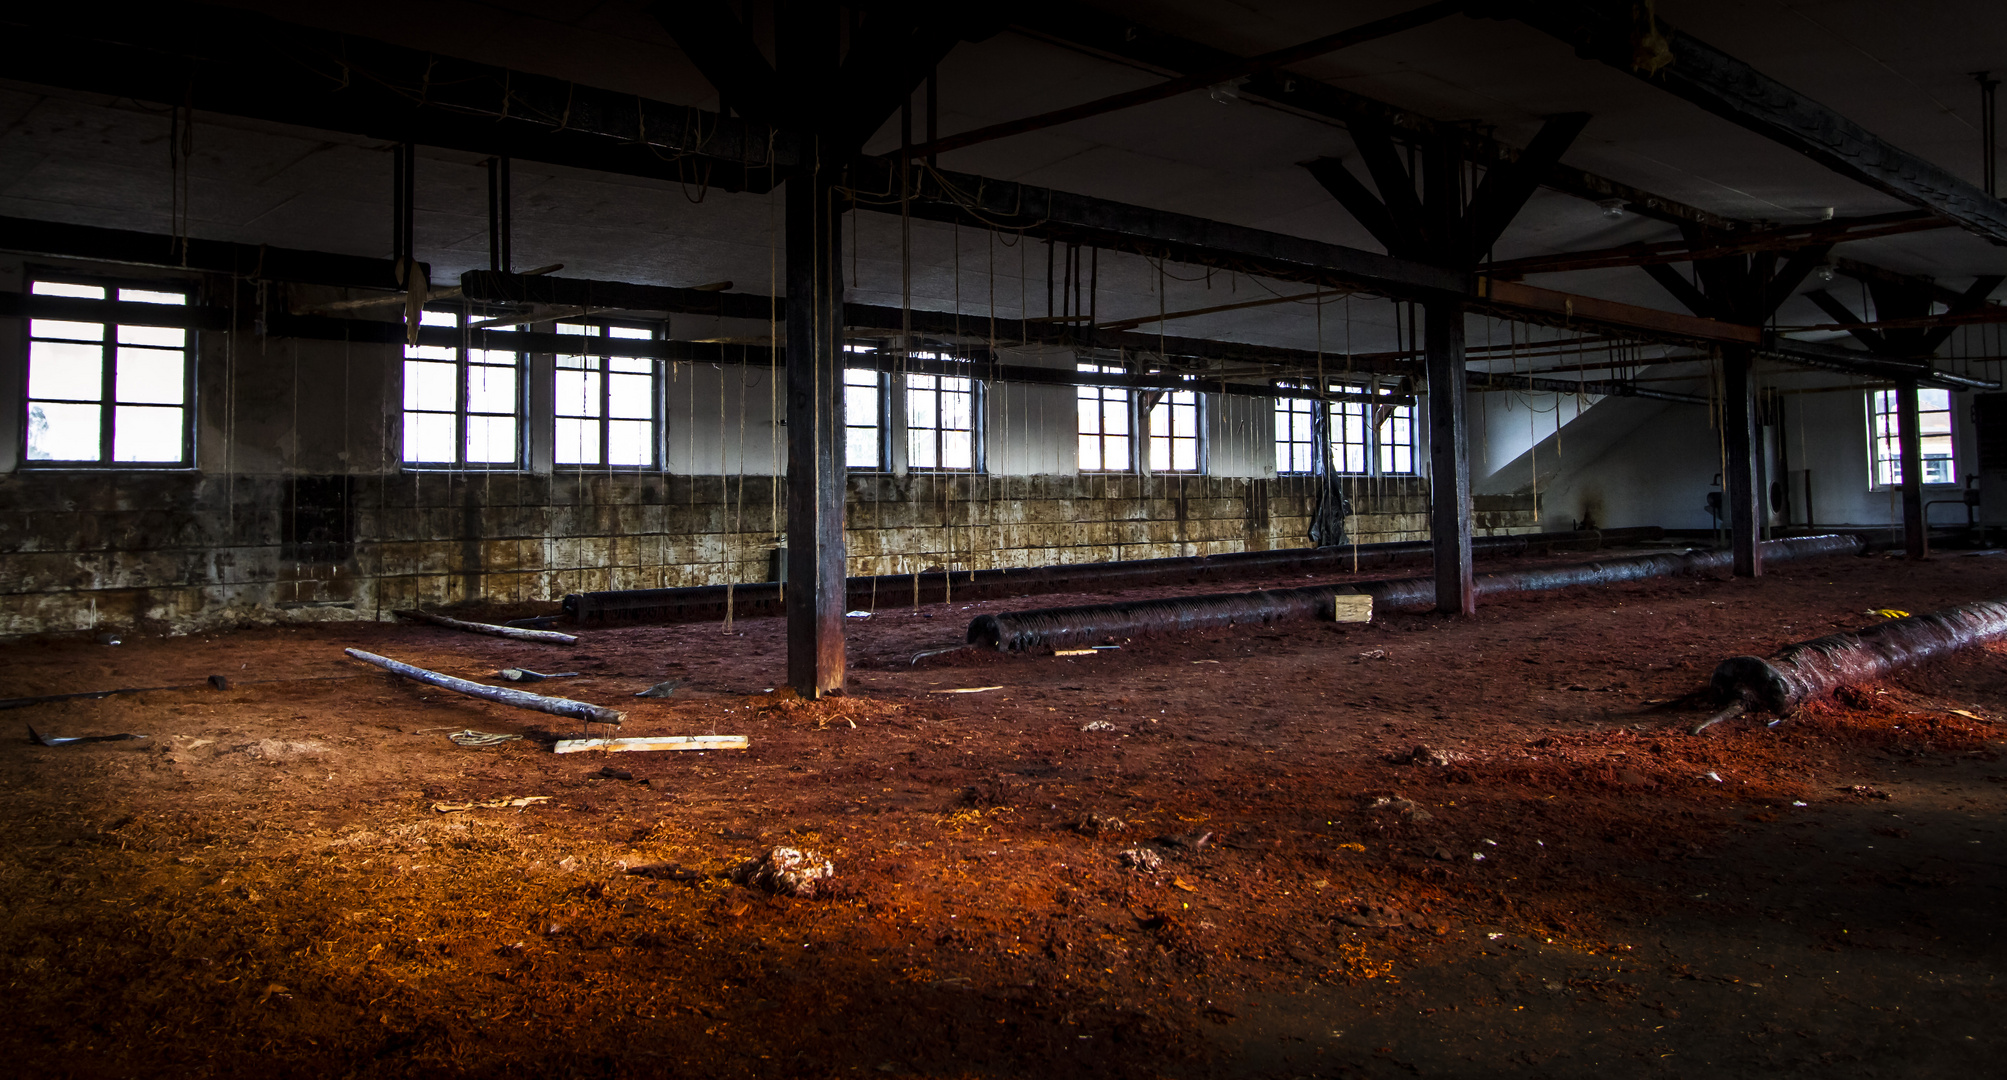 Lederfabrik